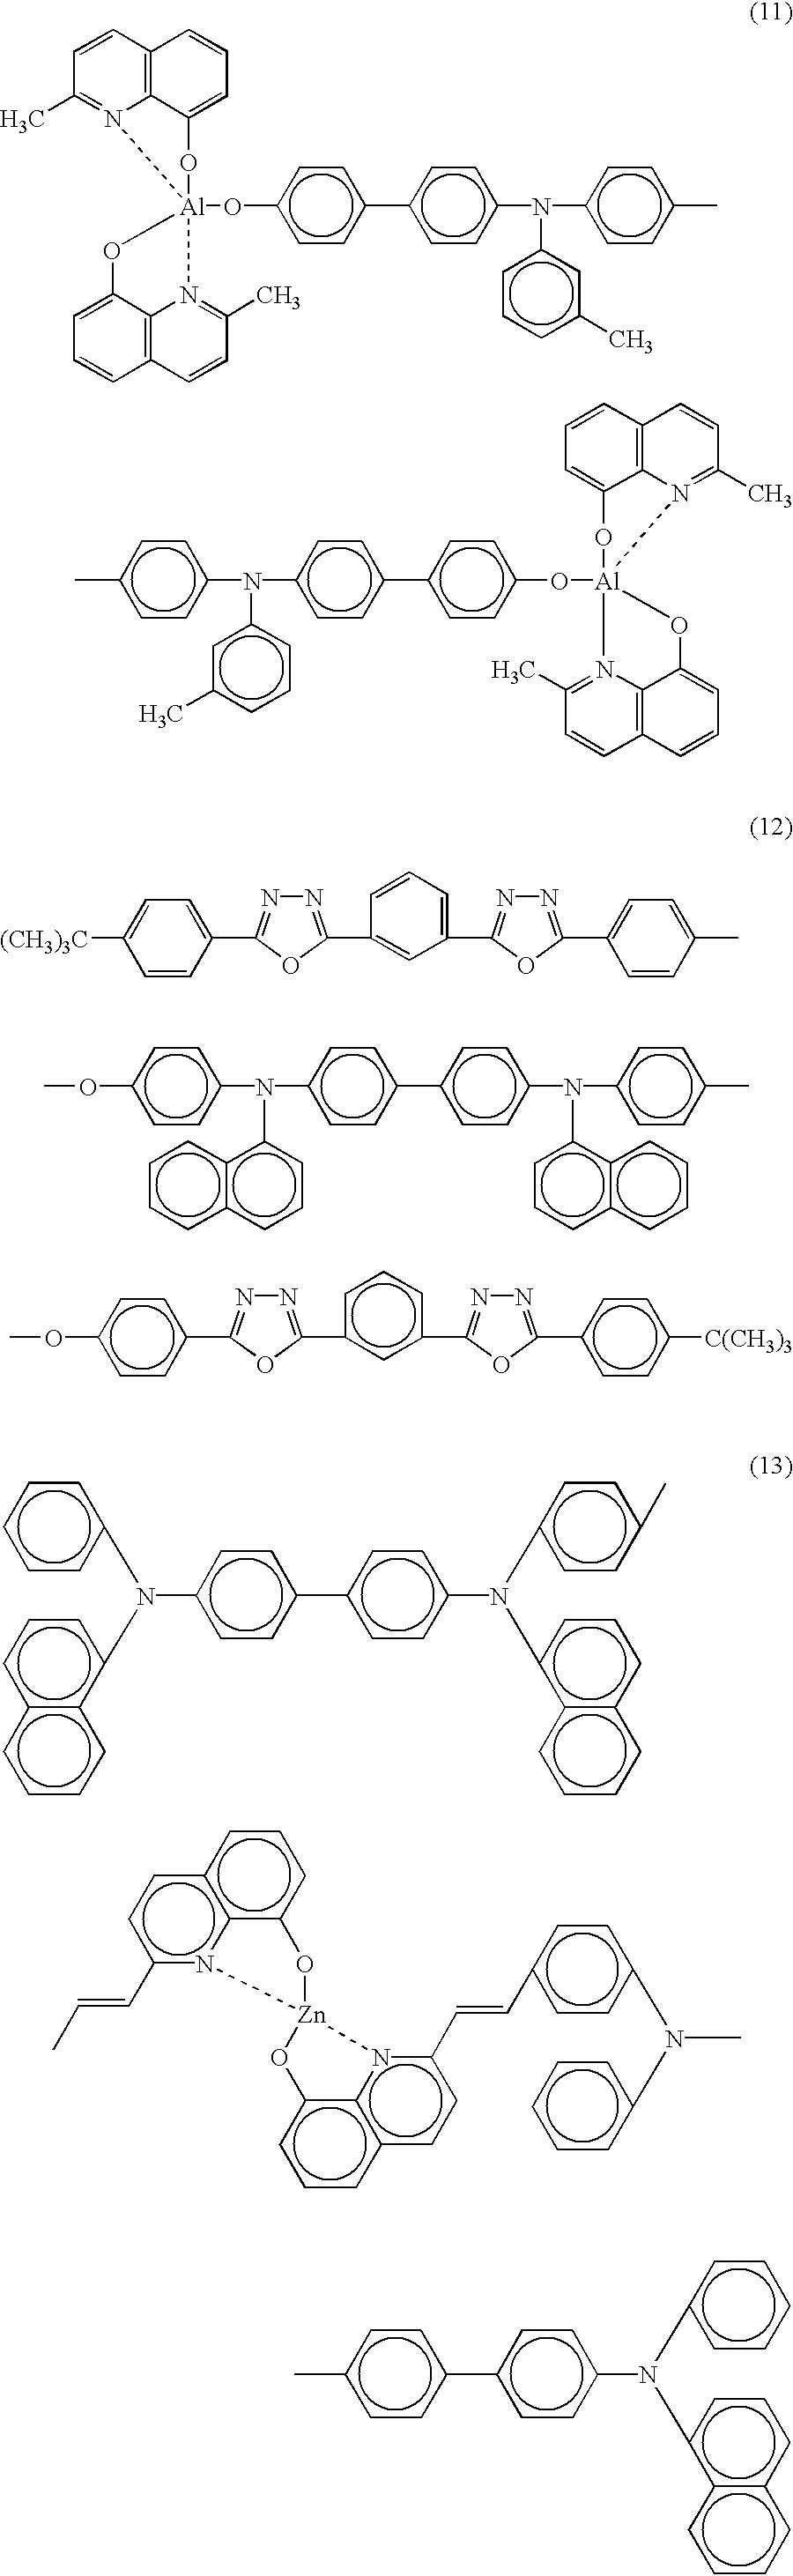 Figure US06406804-20020618-C00023